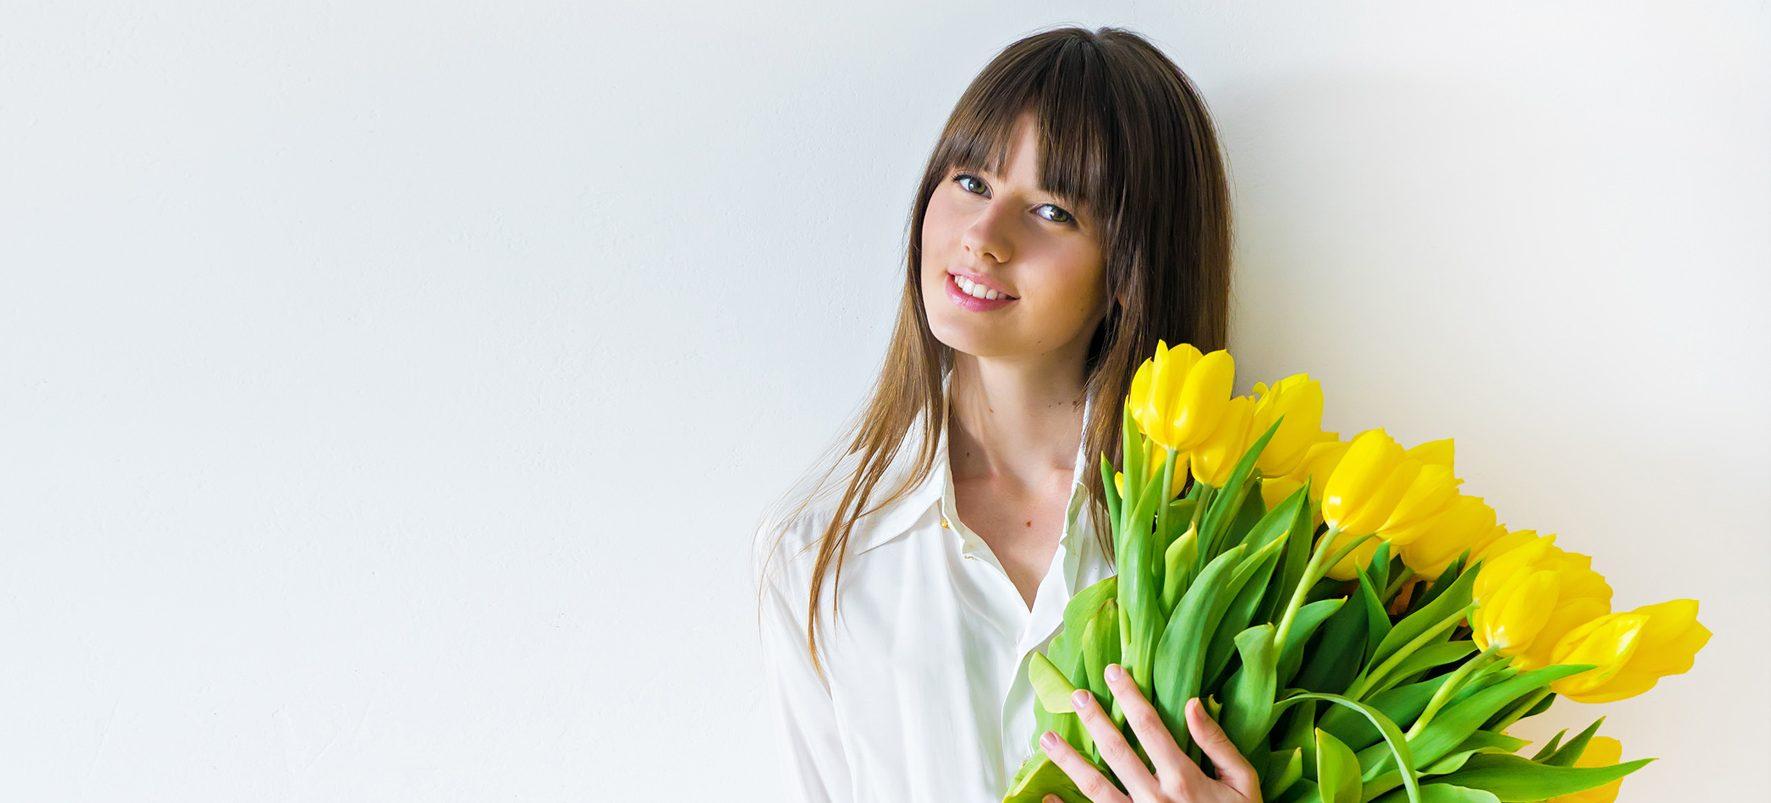 florista com ramo de flores